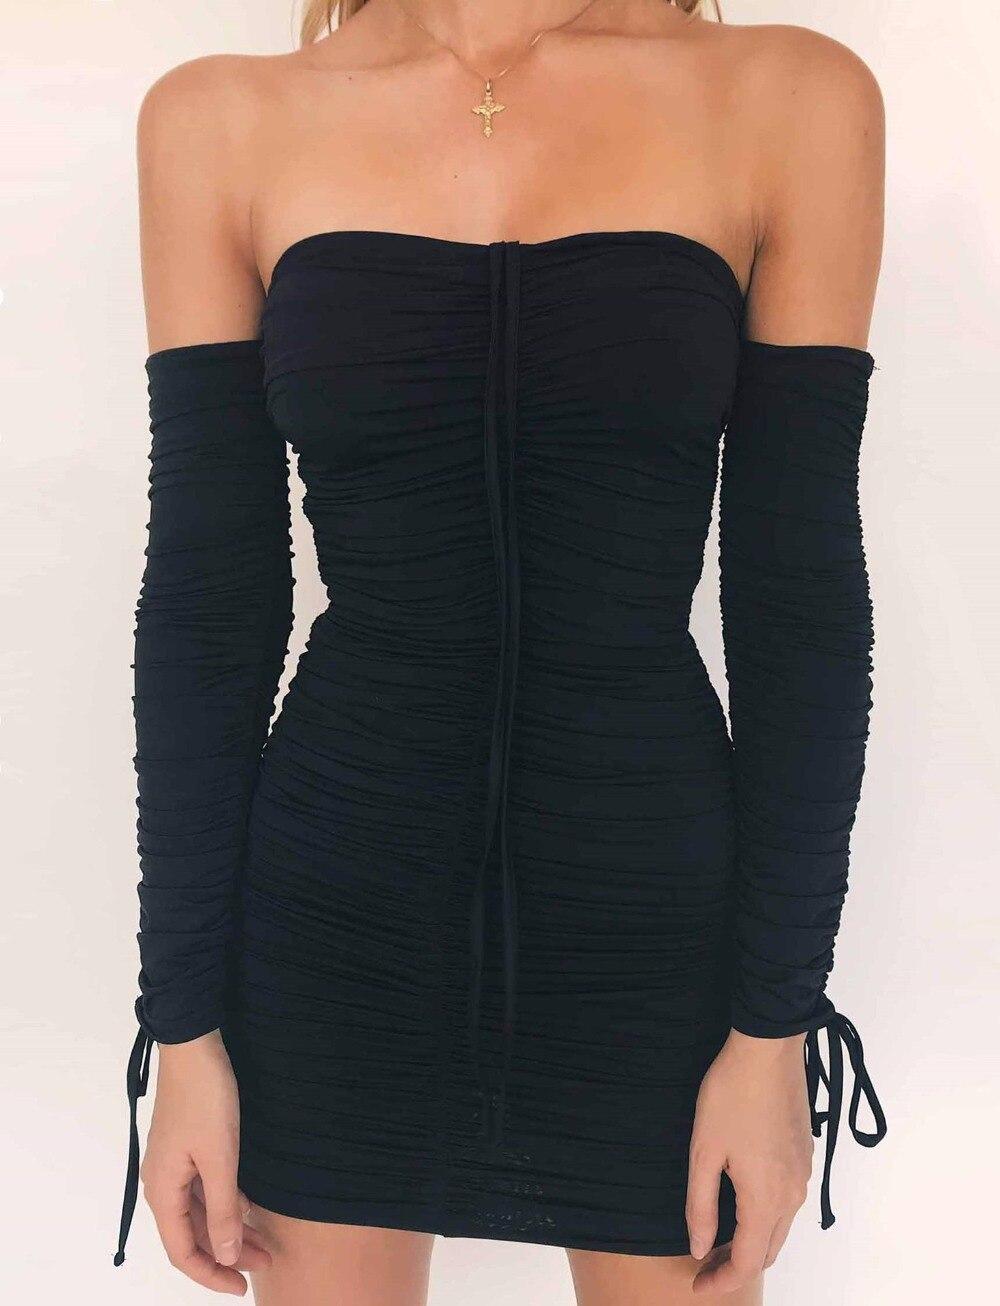 Бесплатная доставка 2018 Для женщин модные платья с открытыми плечами с длинным рукавом Тонкий сексуальное платье жатый Тощий Bodycon платье Выс...